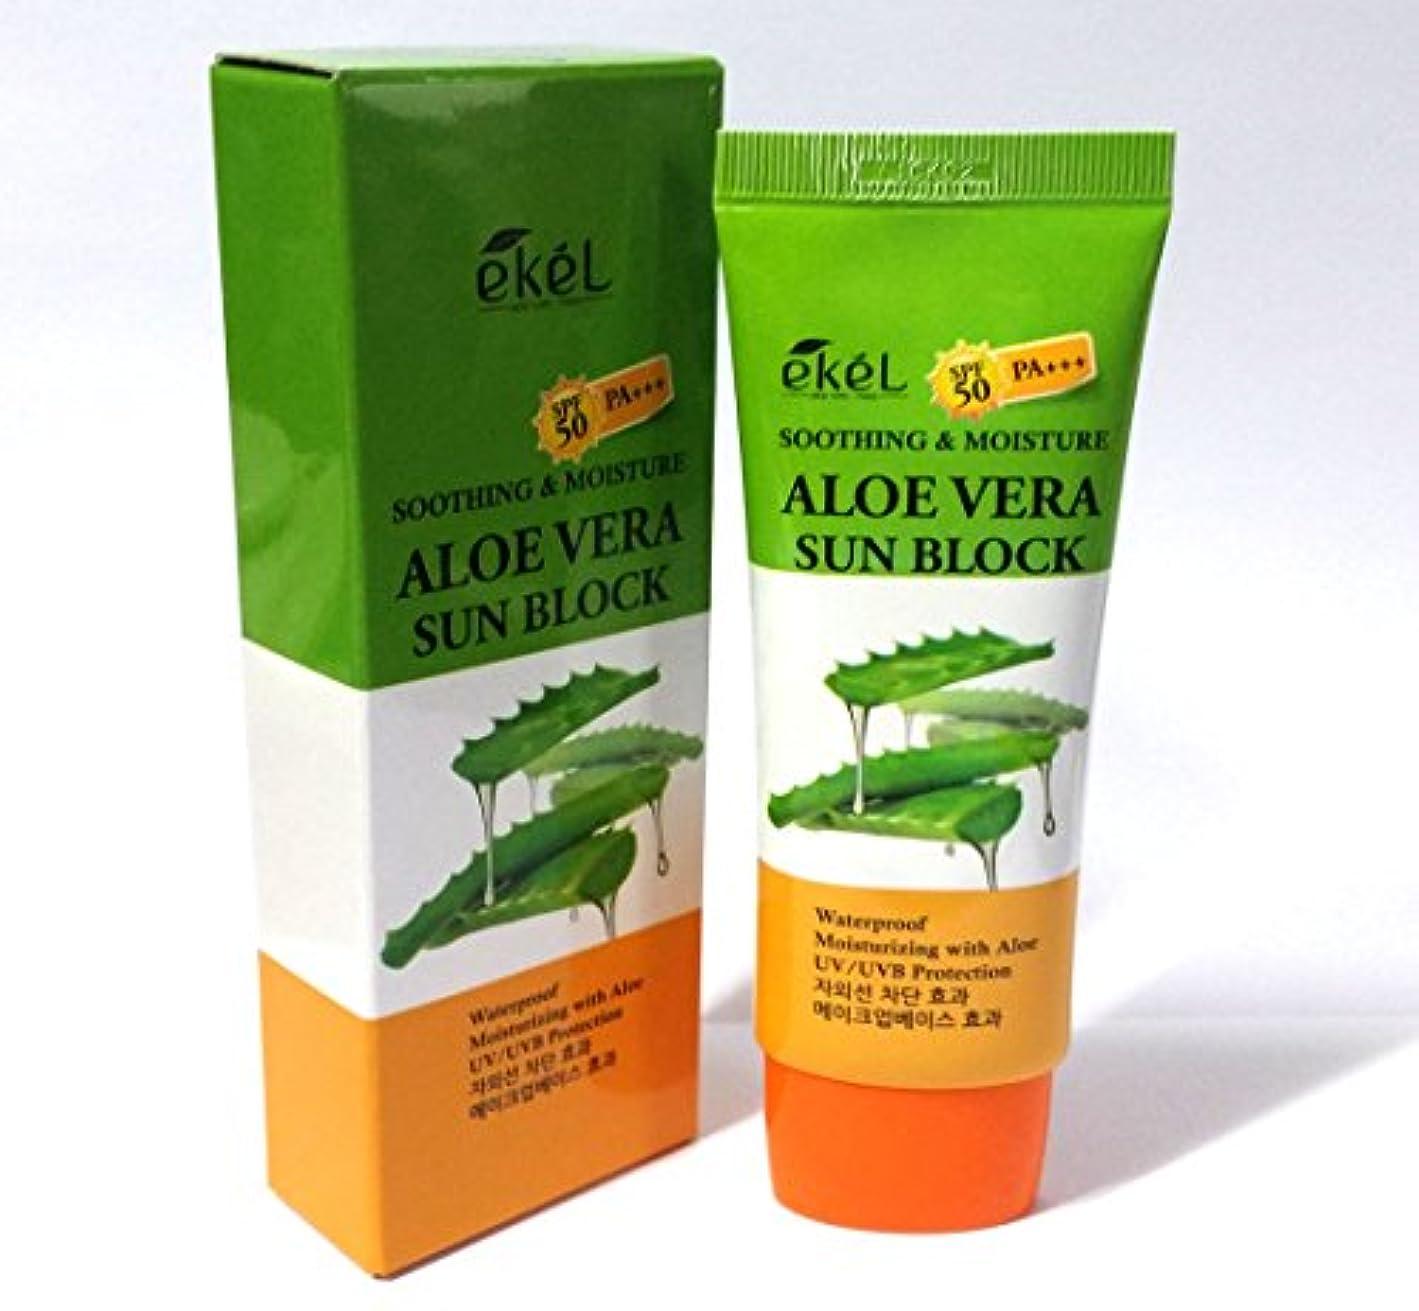 骨折バブルパース[Ekel] UVスムージング&モイスチャーアロエベラサンブロックSPF 50 PA +++ 70ml / UV Soothing & Moisture Aloe Vera Sun Block SPF 50 PA +++...